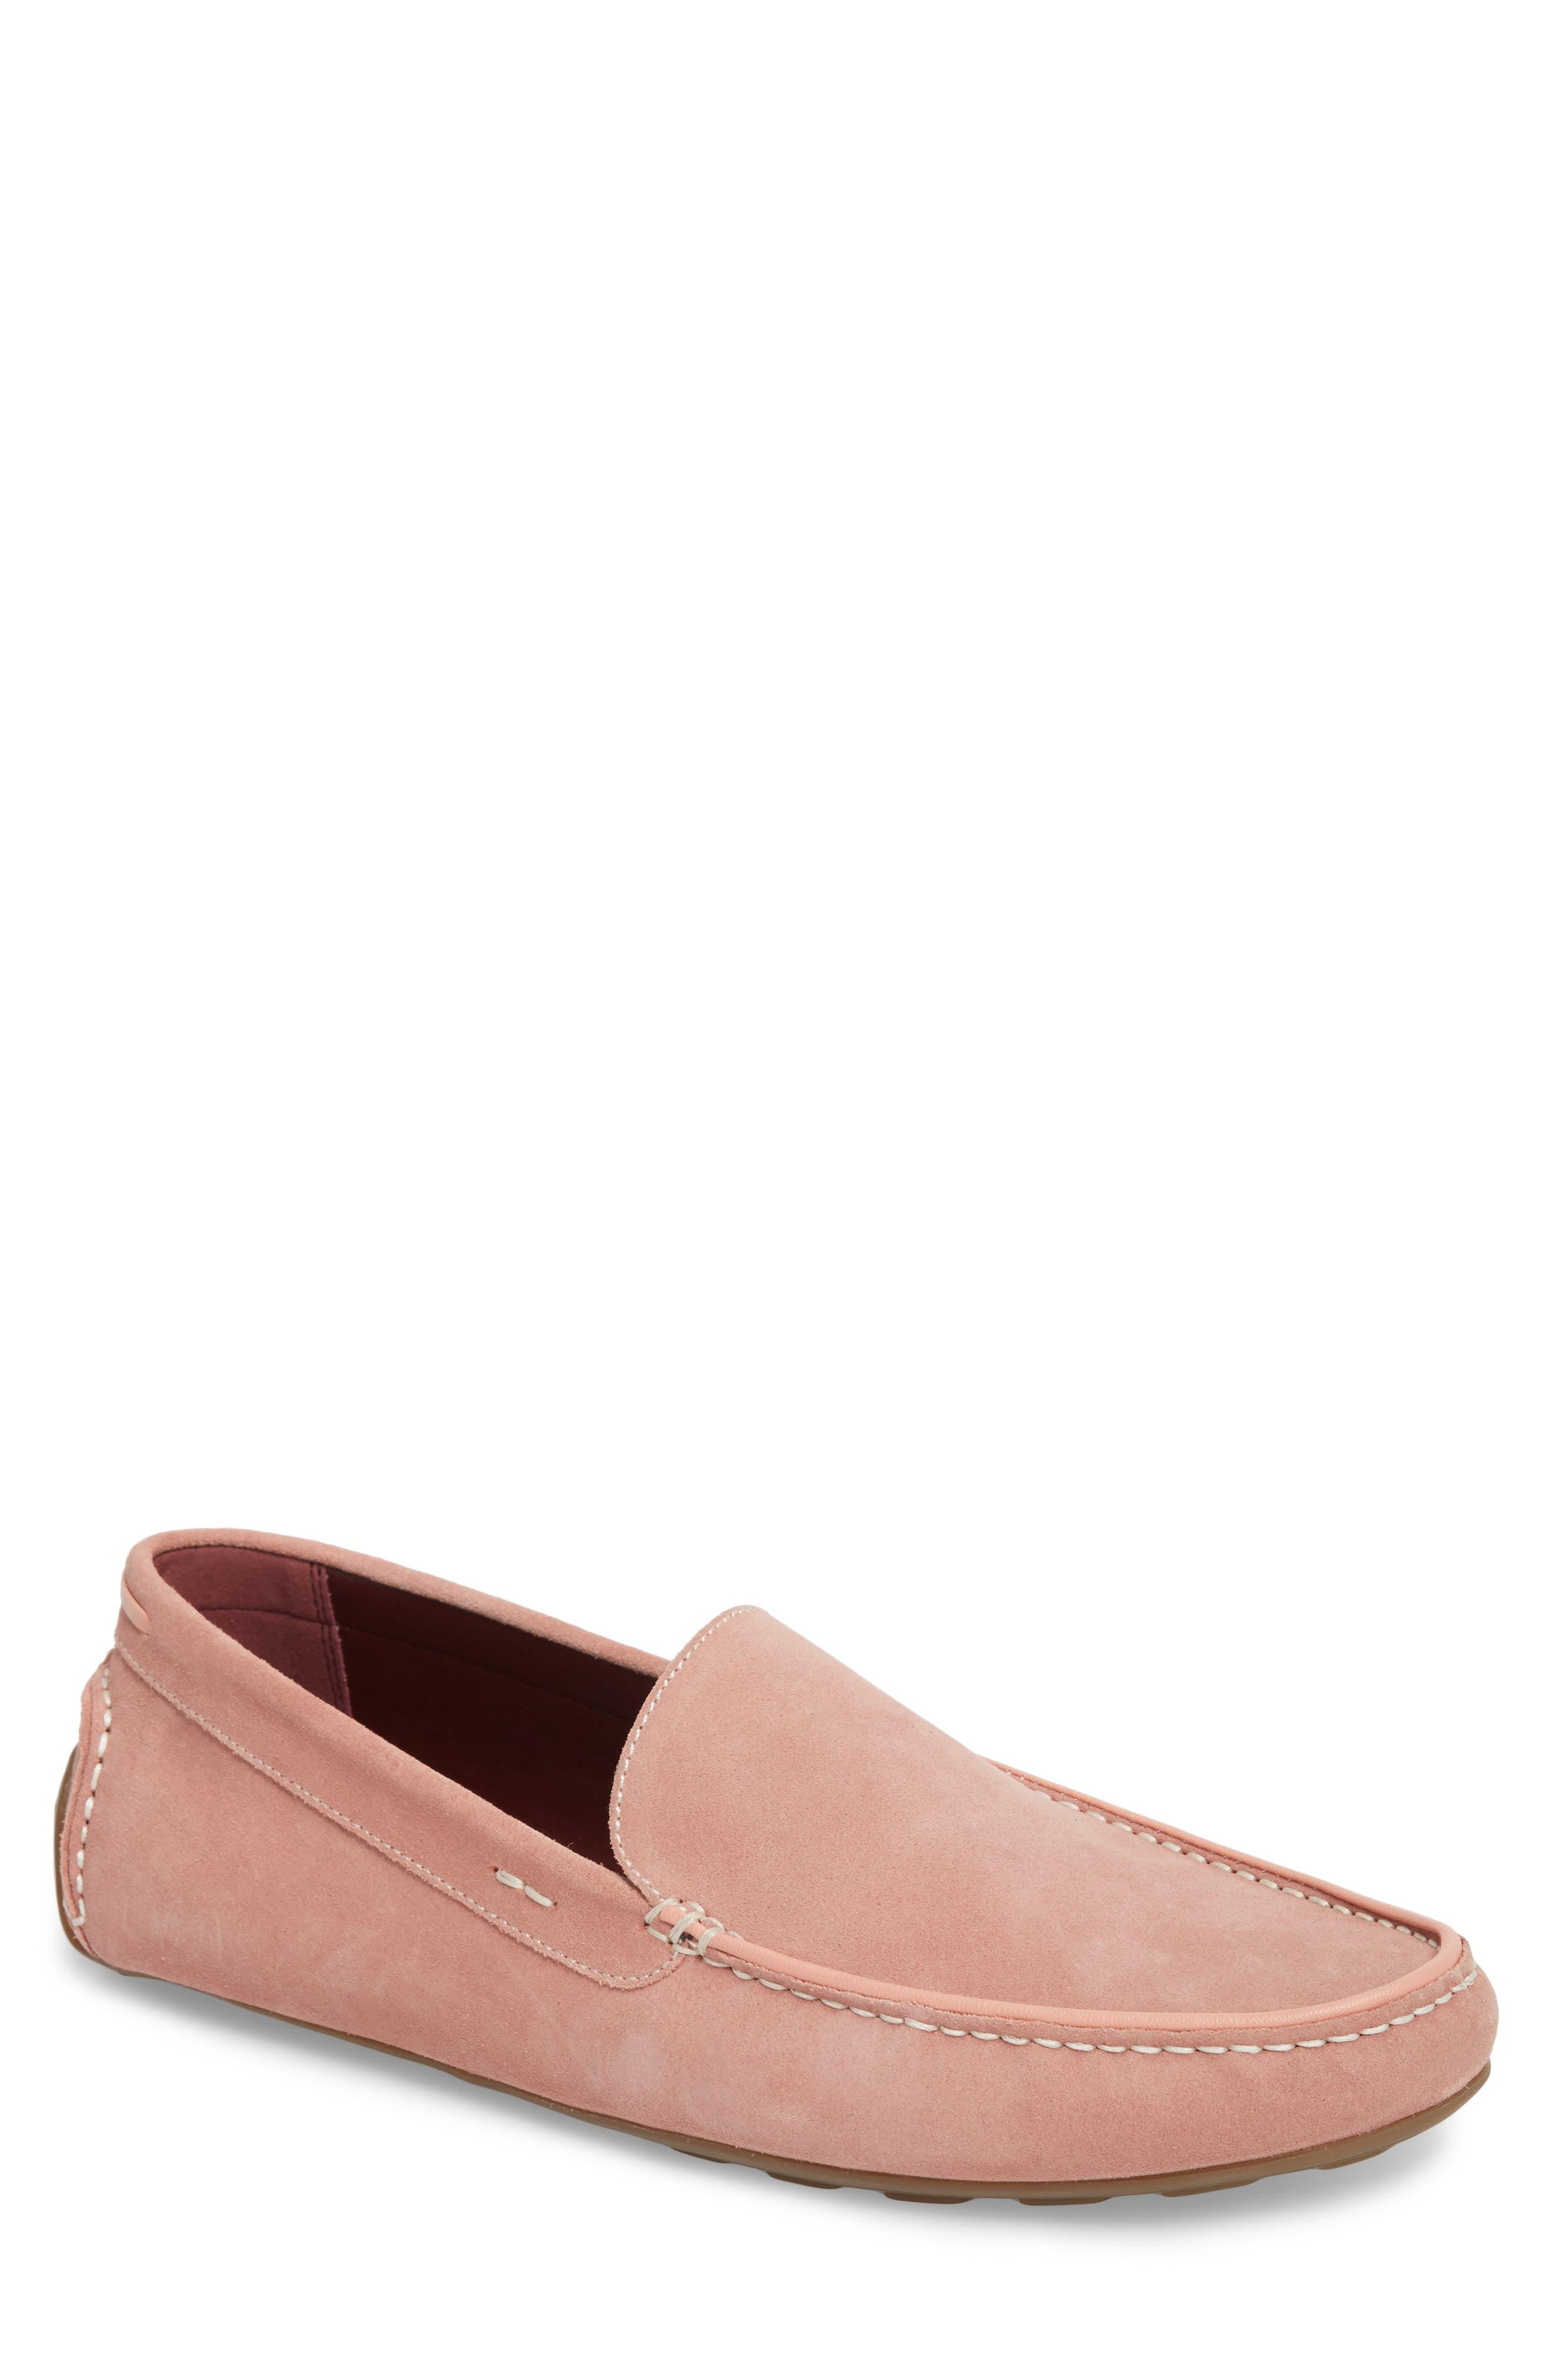 Leroy Driver Shoe,                         Main,                         color, Blush